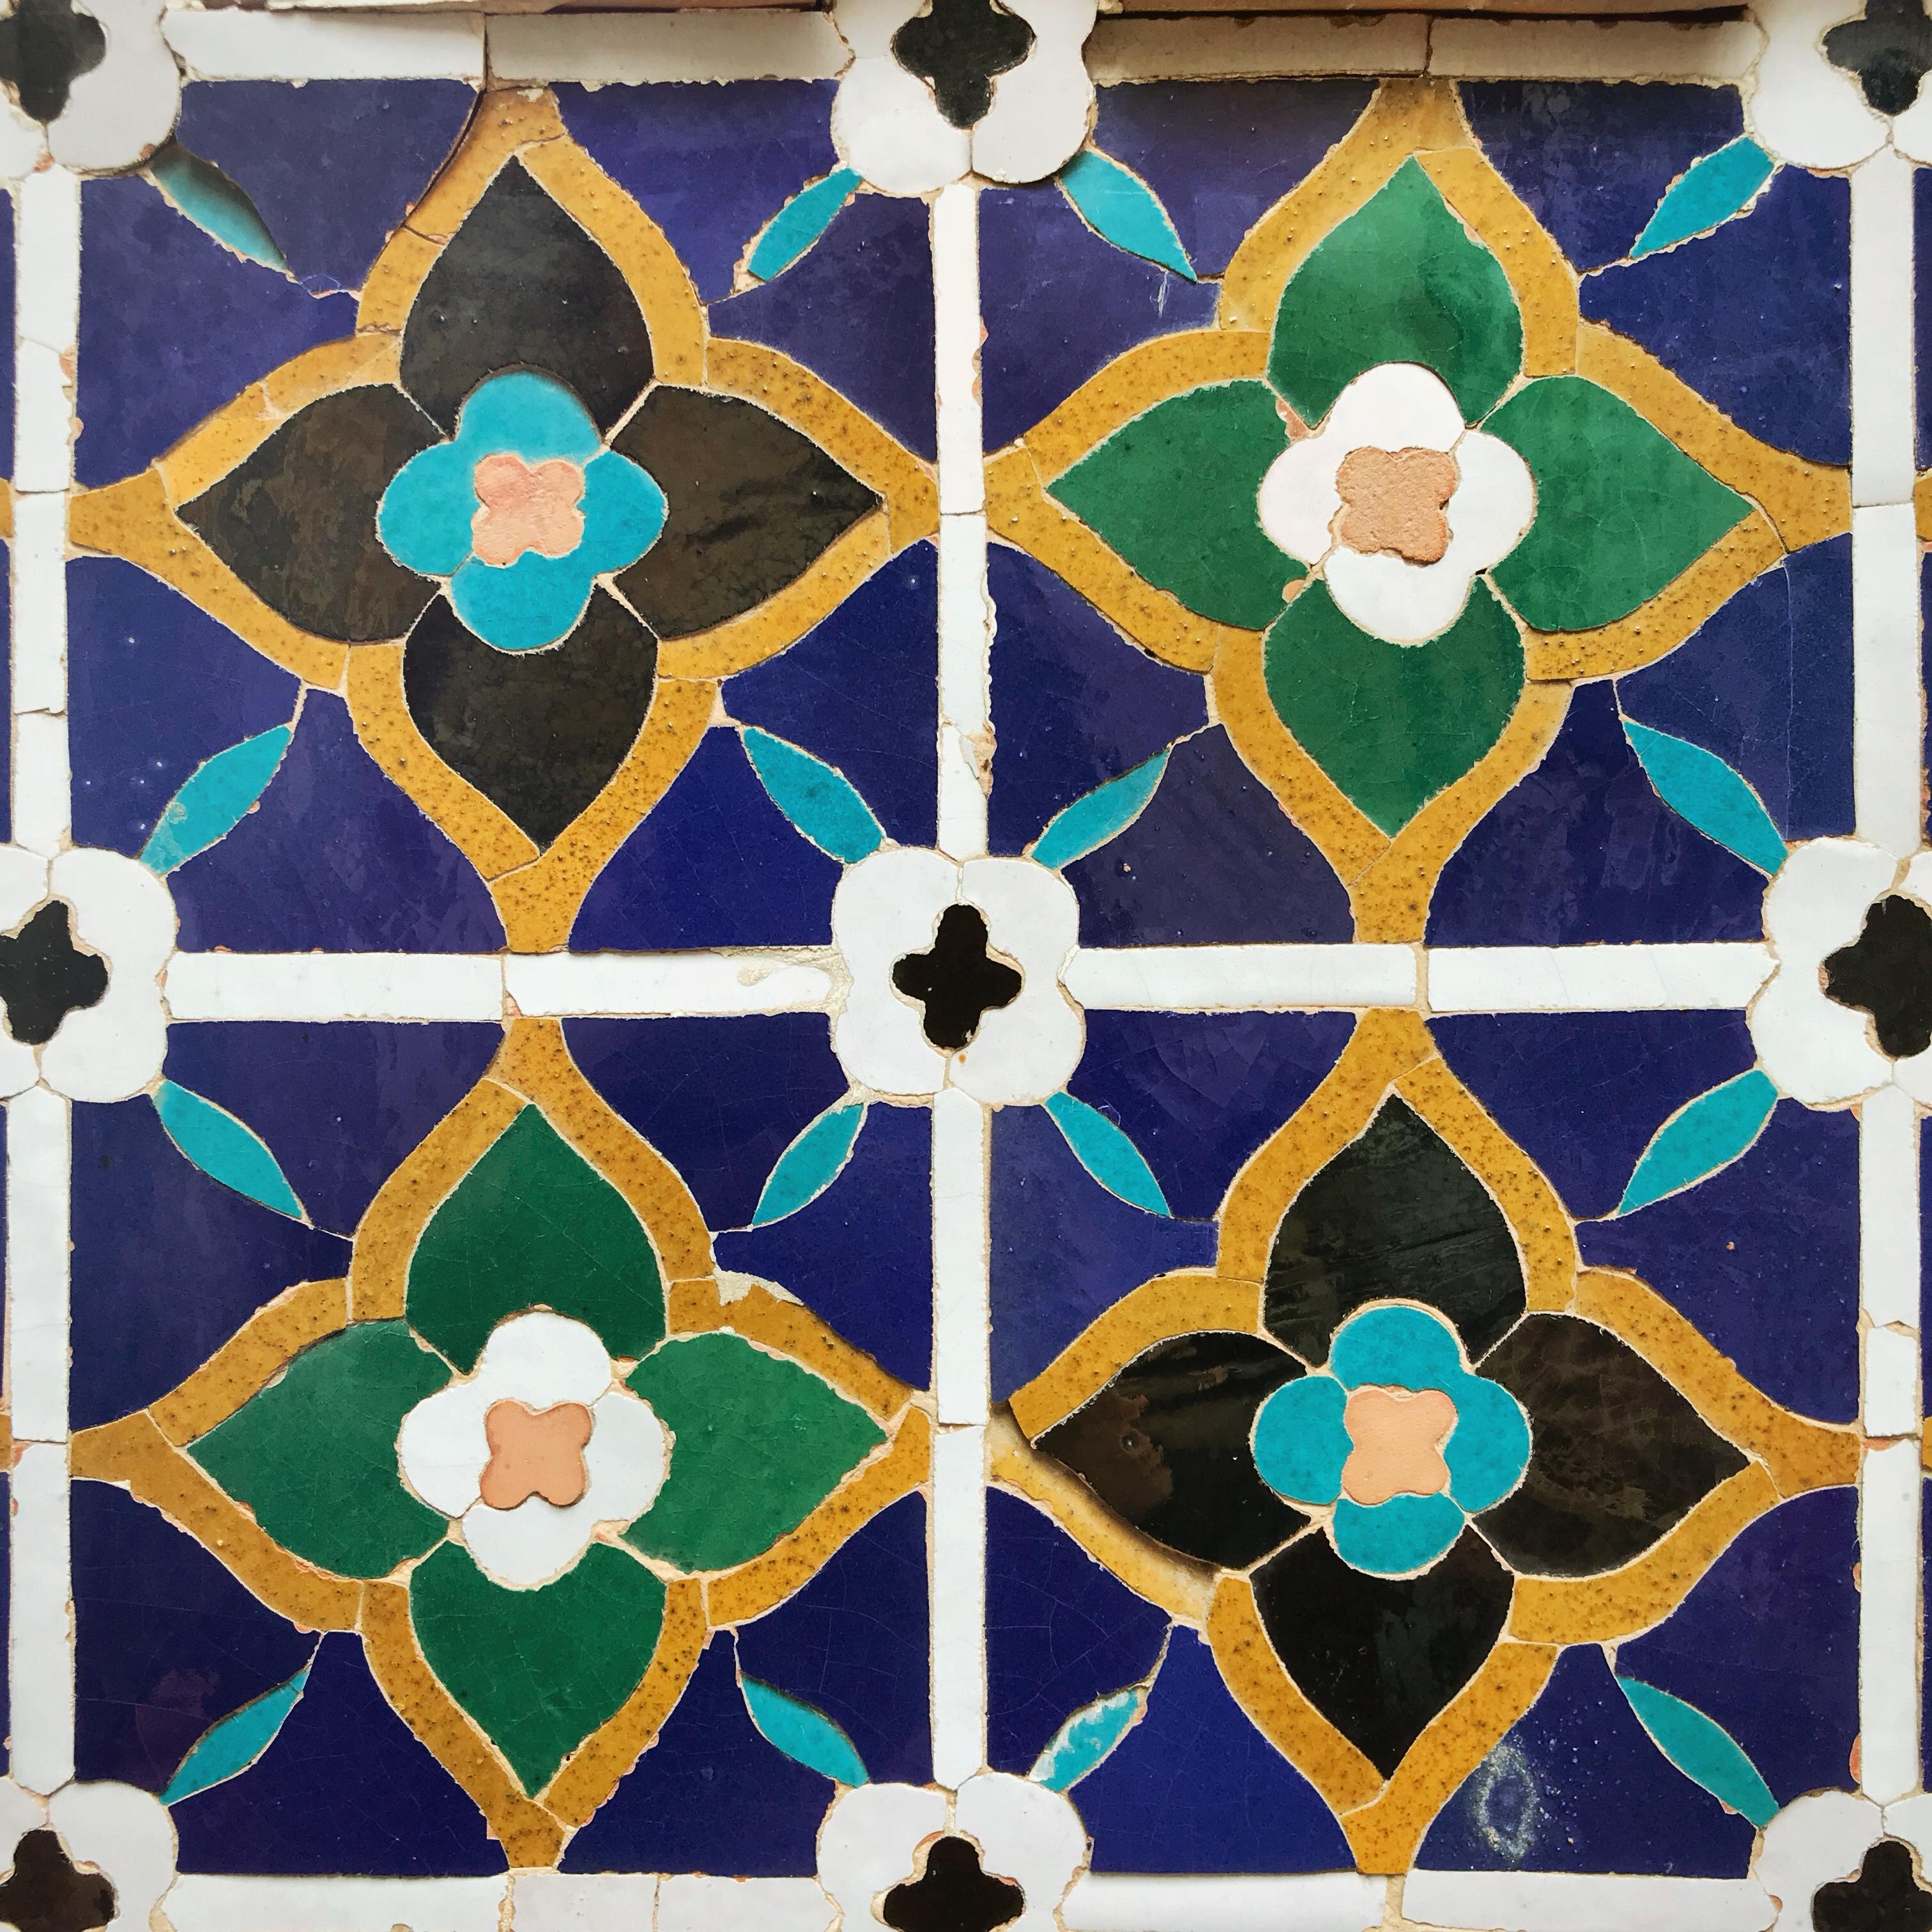 Usbekistan kscheib Kachel 1